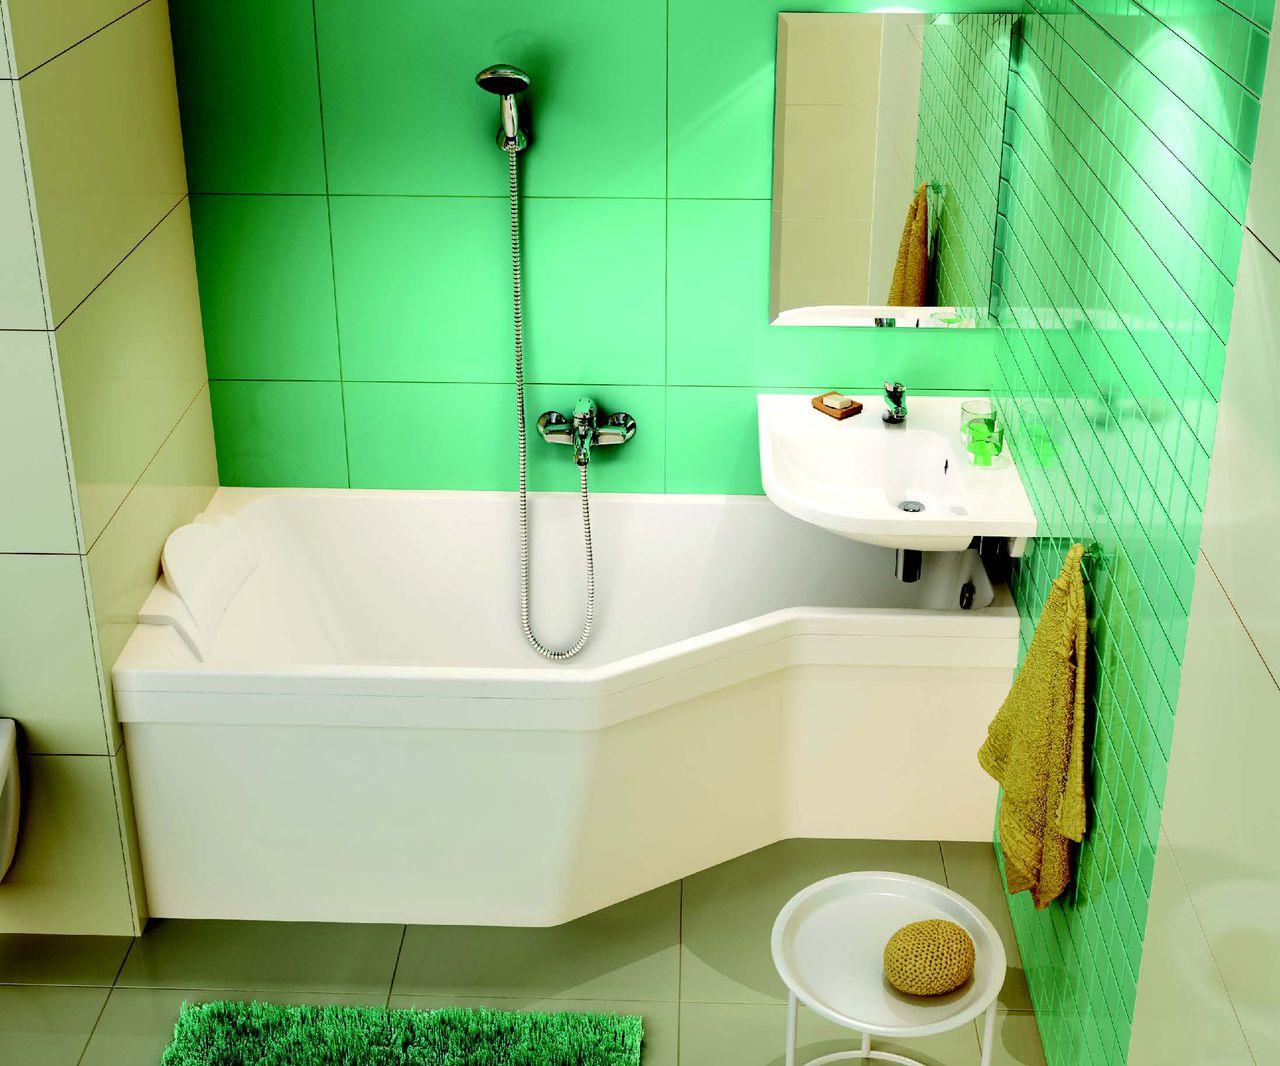 couler sur la salle de bain à l'intérieur